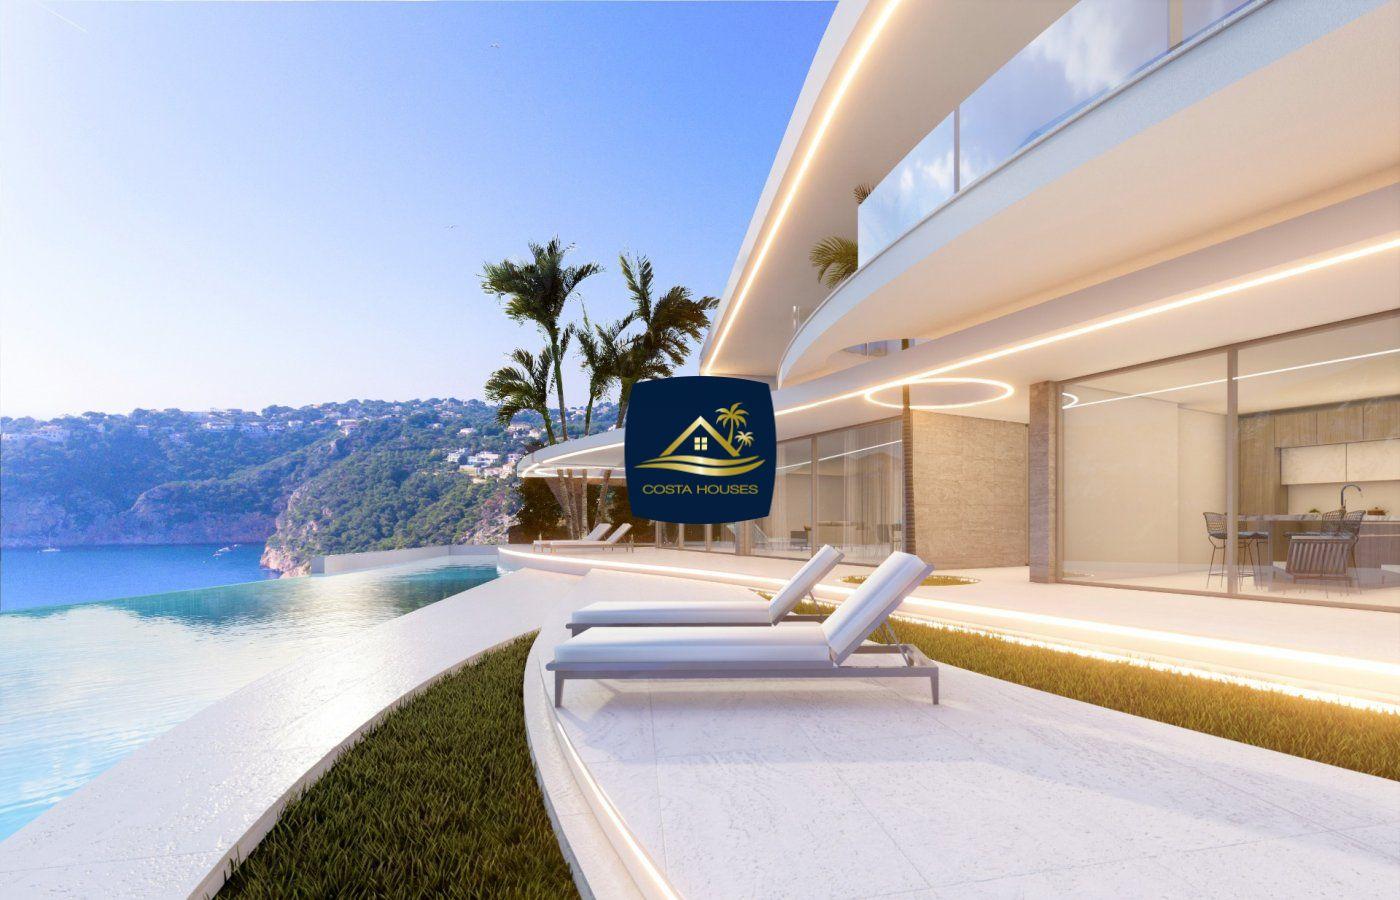 Venta VILLAS DE LUJO PRIMERA LINEA MAR en Javea, COSTA BLANCA ⚜️ Luxury Seafront Villas